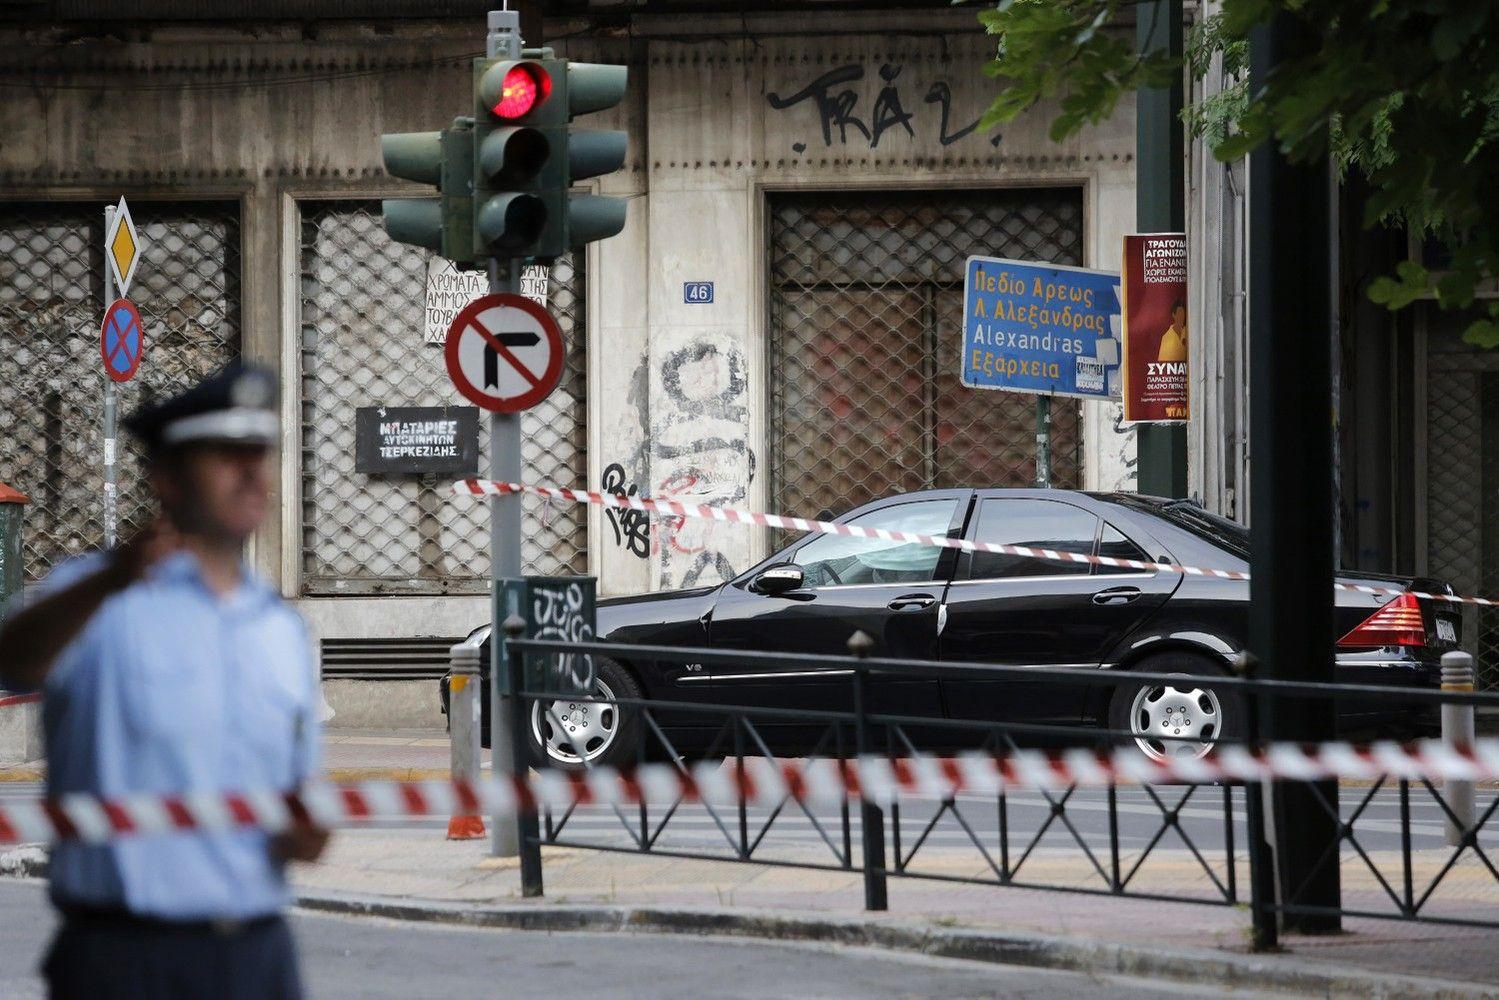 Buvęs Graikijos premjeras sužeistas per sprogimą automobilyje